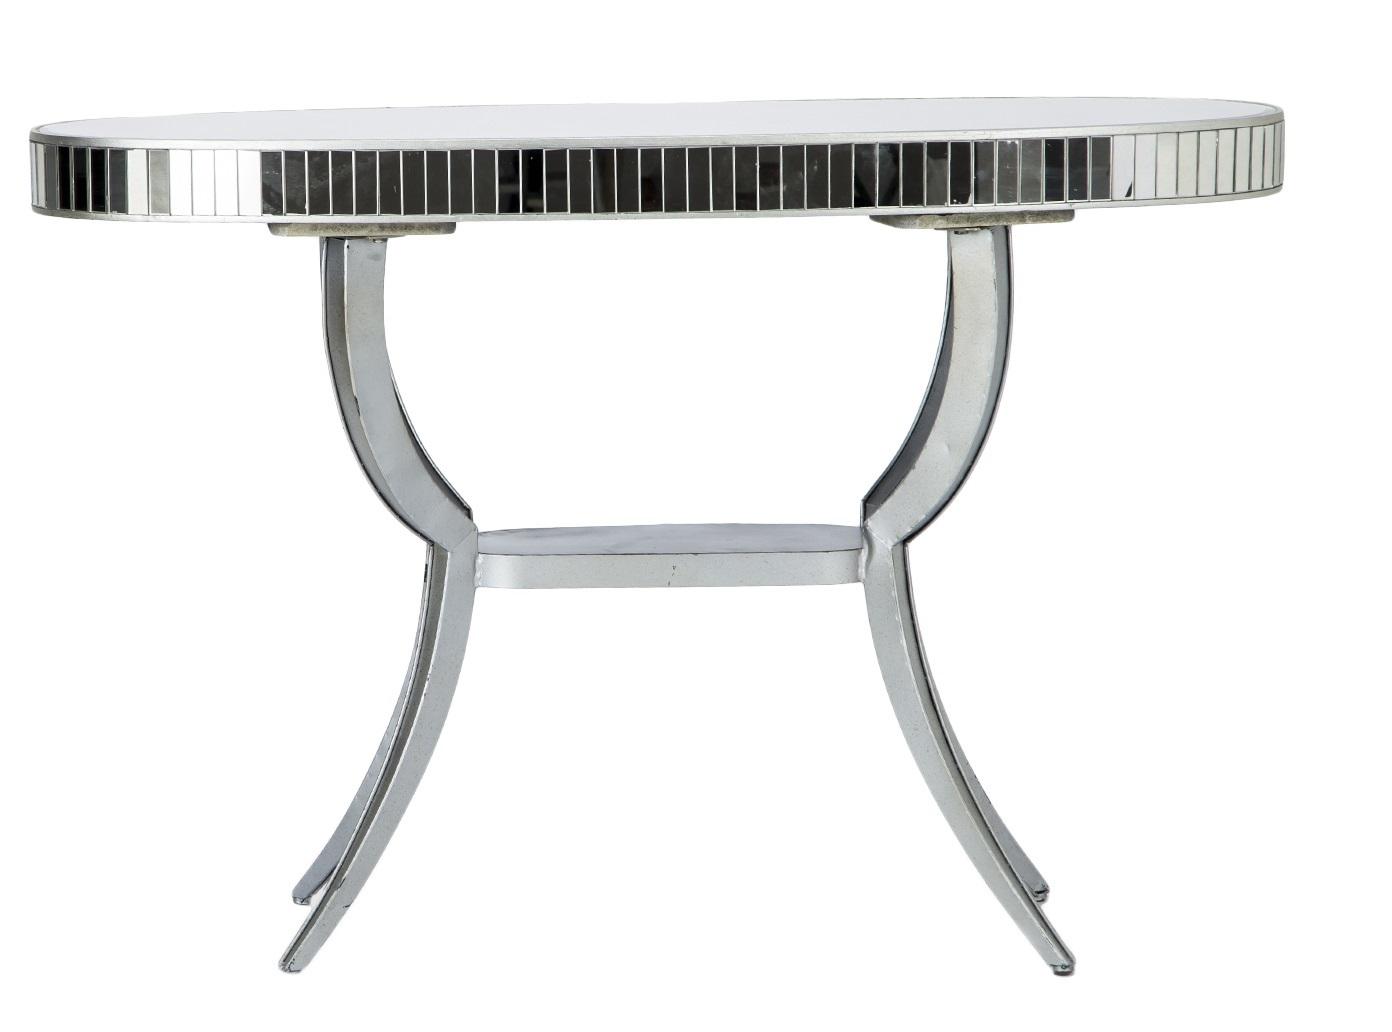 Консоль овальнаяИнтерьерные консоли<br>Консоль с овальной столешницей из зеркала, декорирована зеркальными вставками, на металлическом основании.<br><br>Material: Металл<br>Ширина см: 138<br>Высота см: 92<br>Глубина см: 51